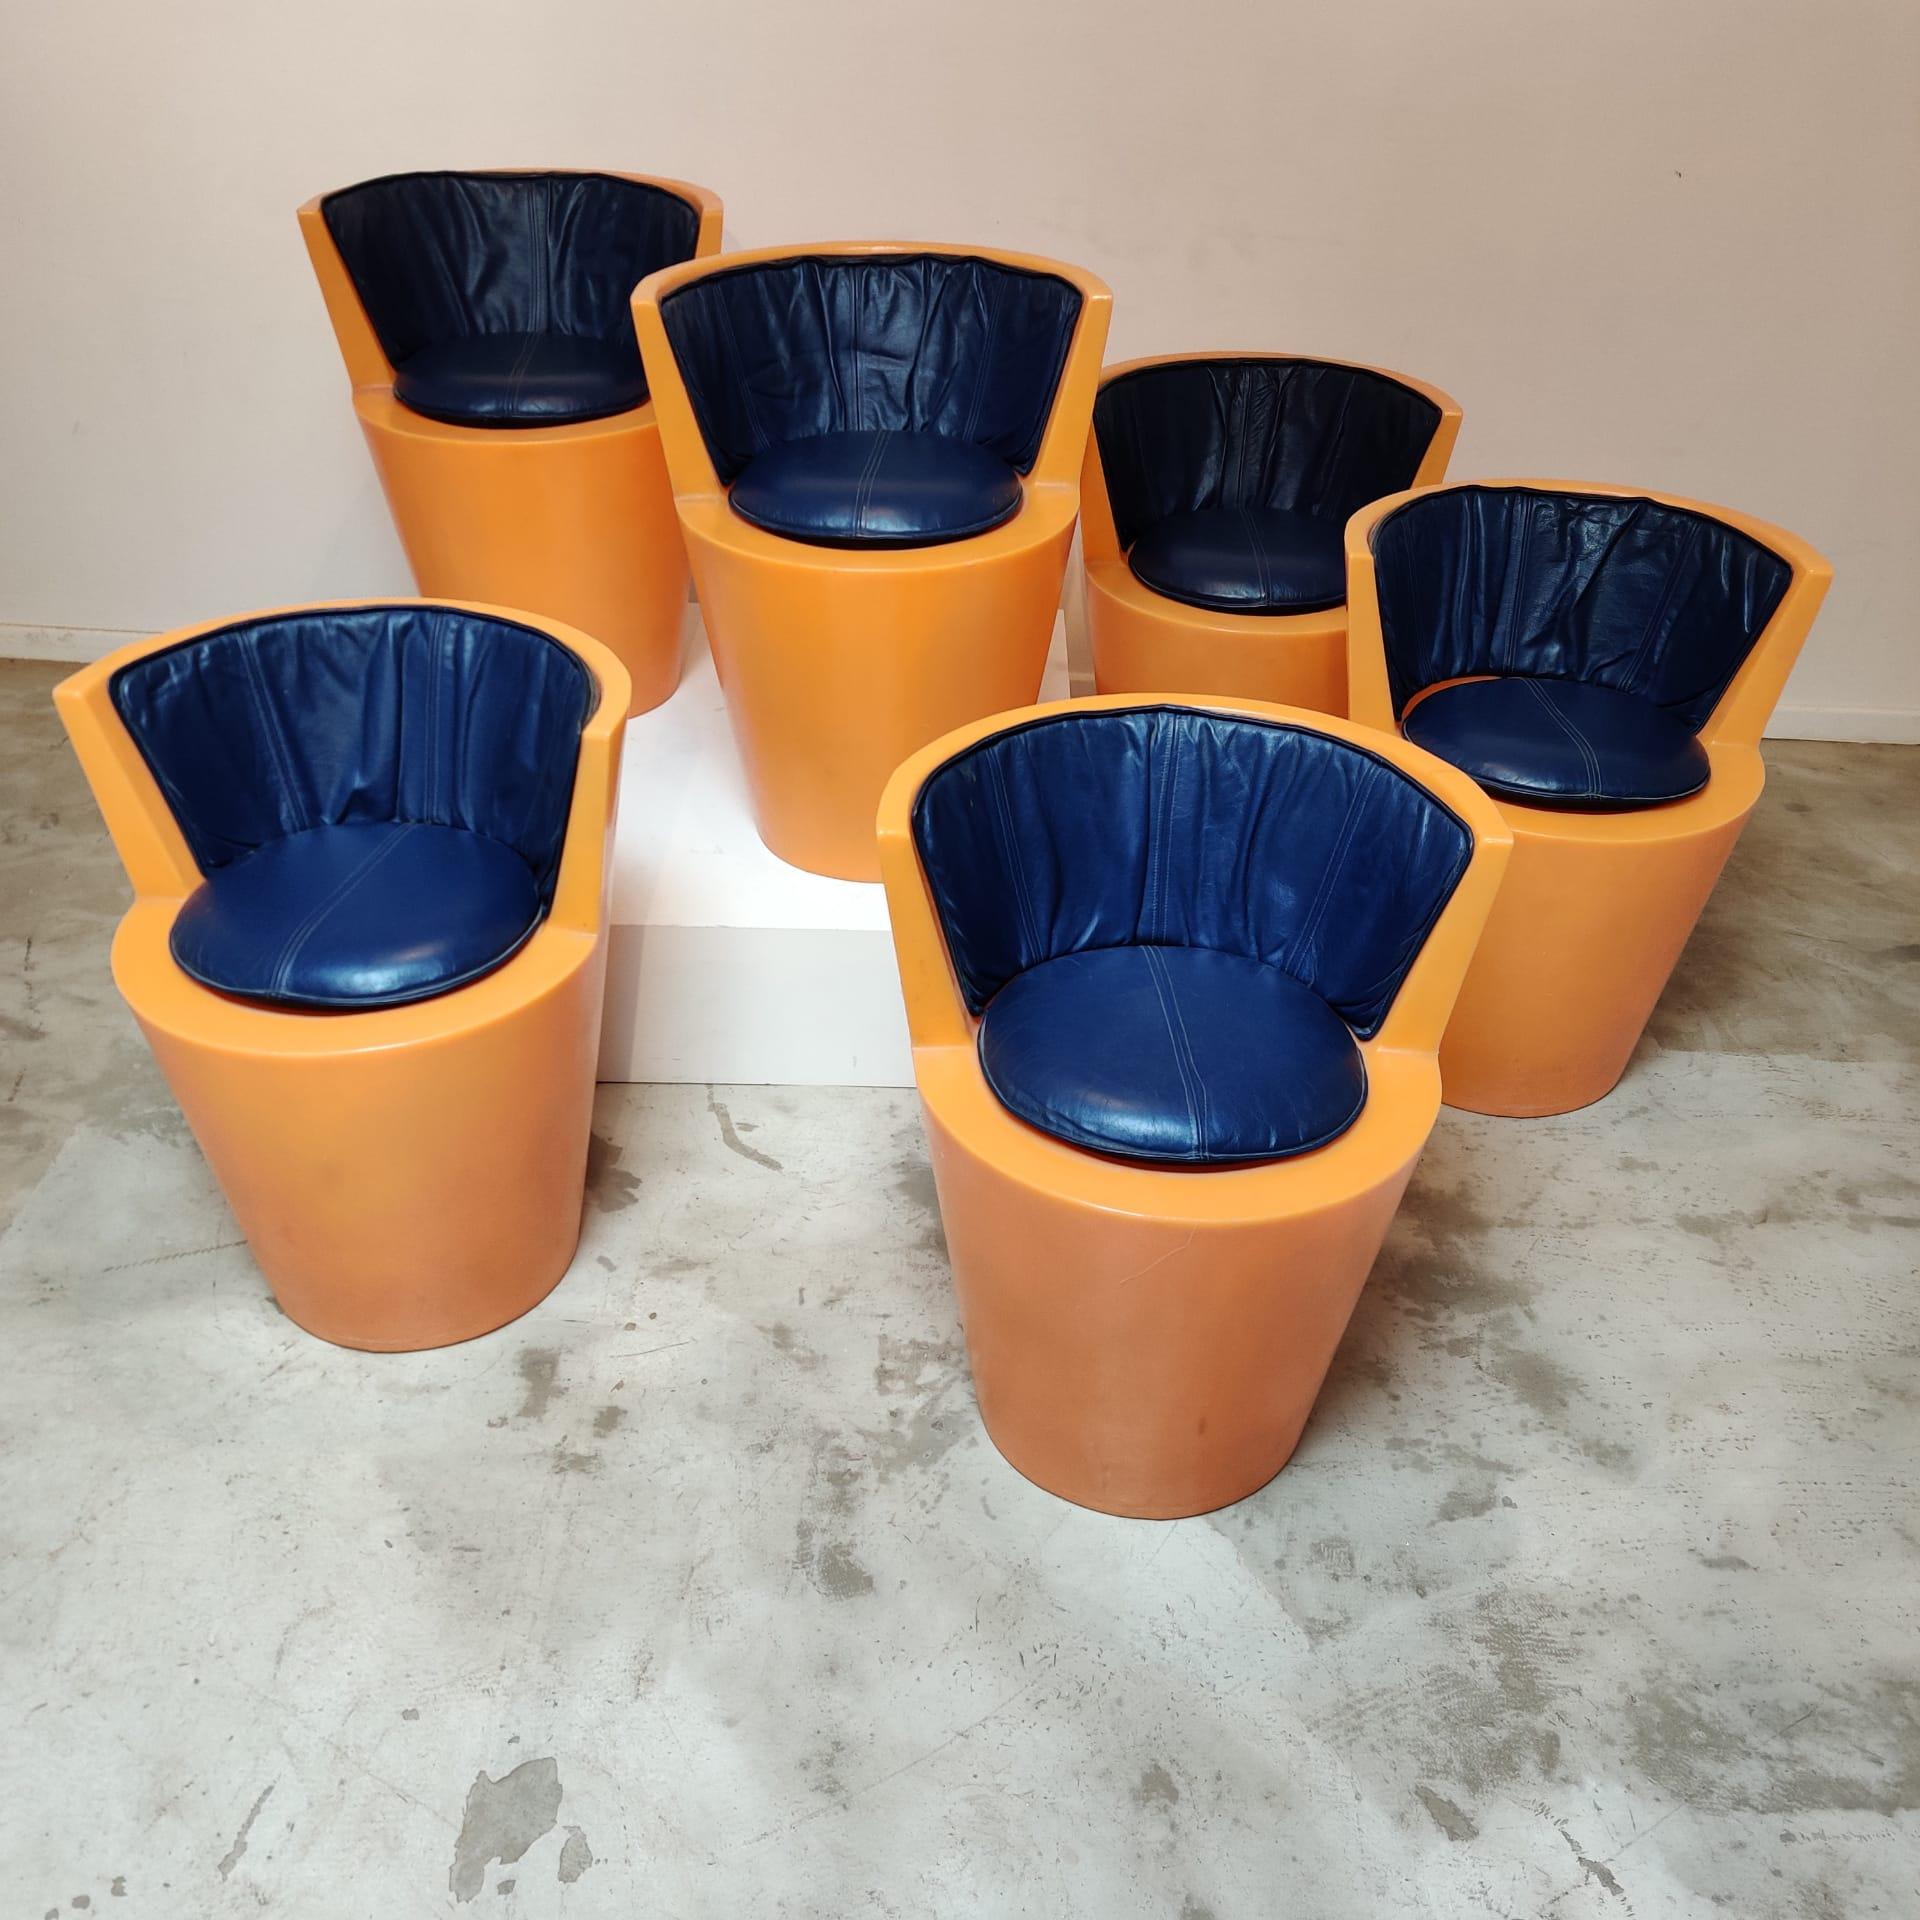 Set of 6 outdoor pop stools